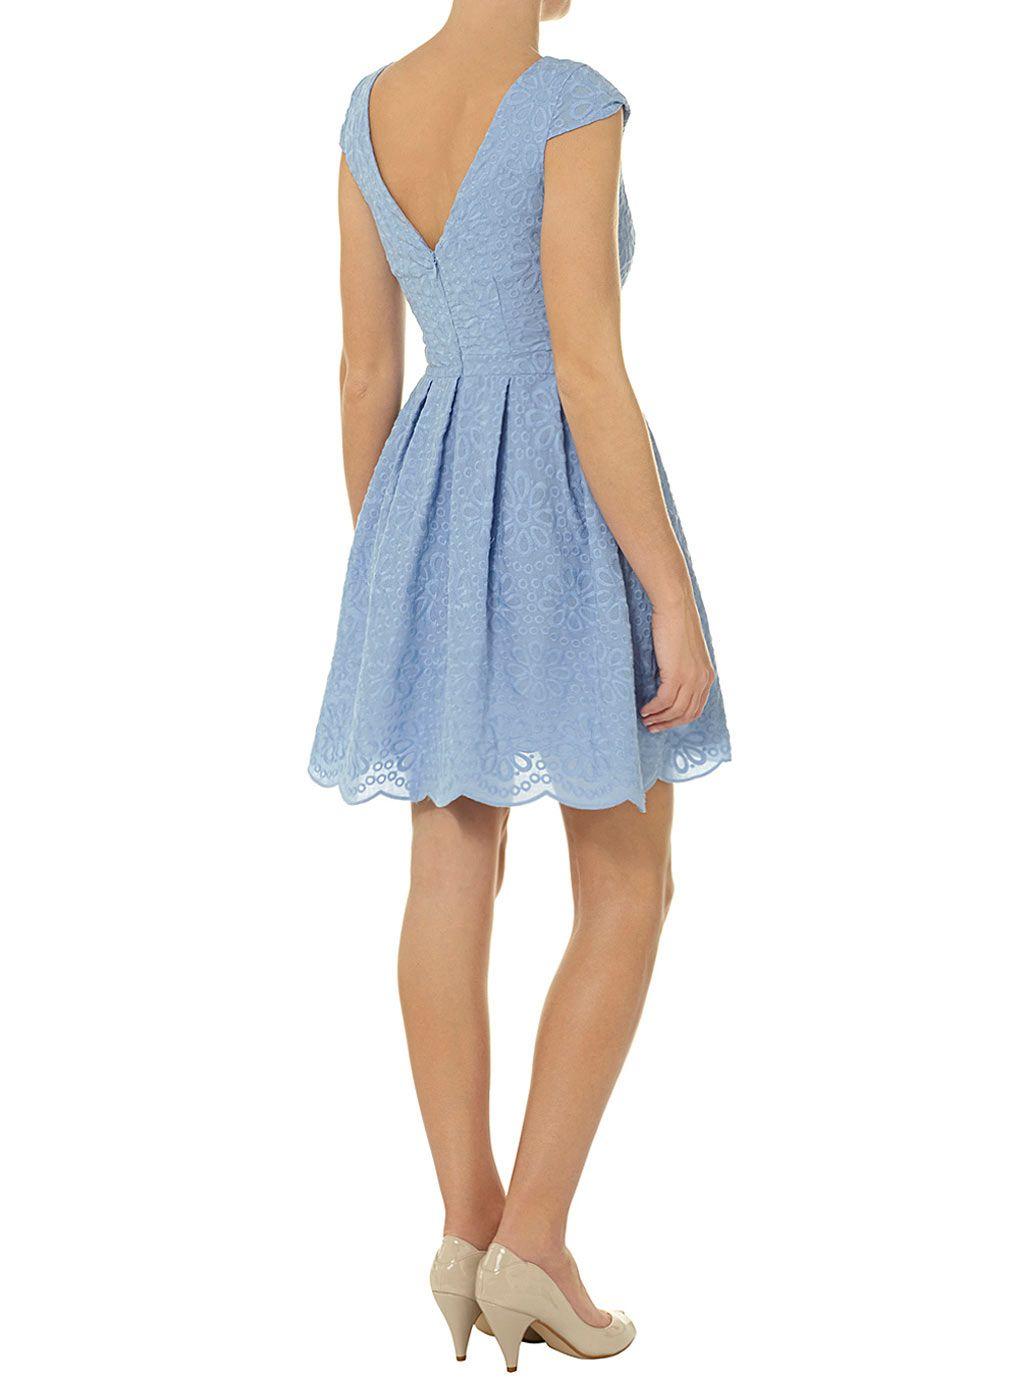 Blaues Ballkleid mit Lochstickereien - Alle anzeigen - Kleider ...